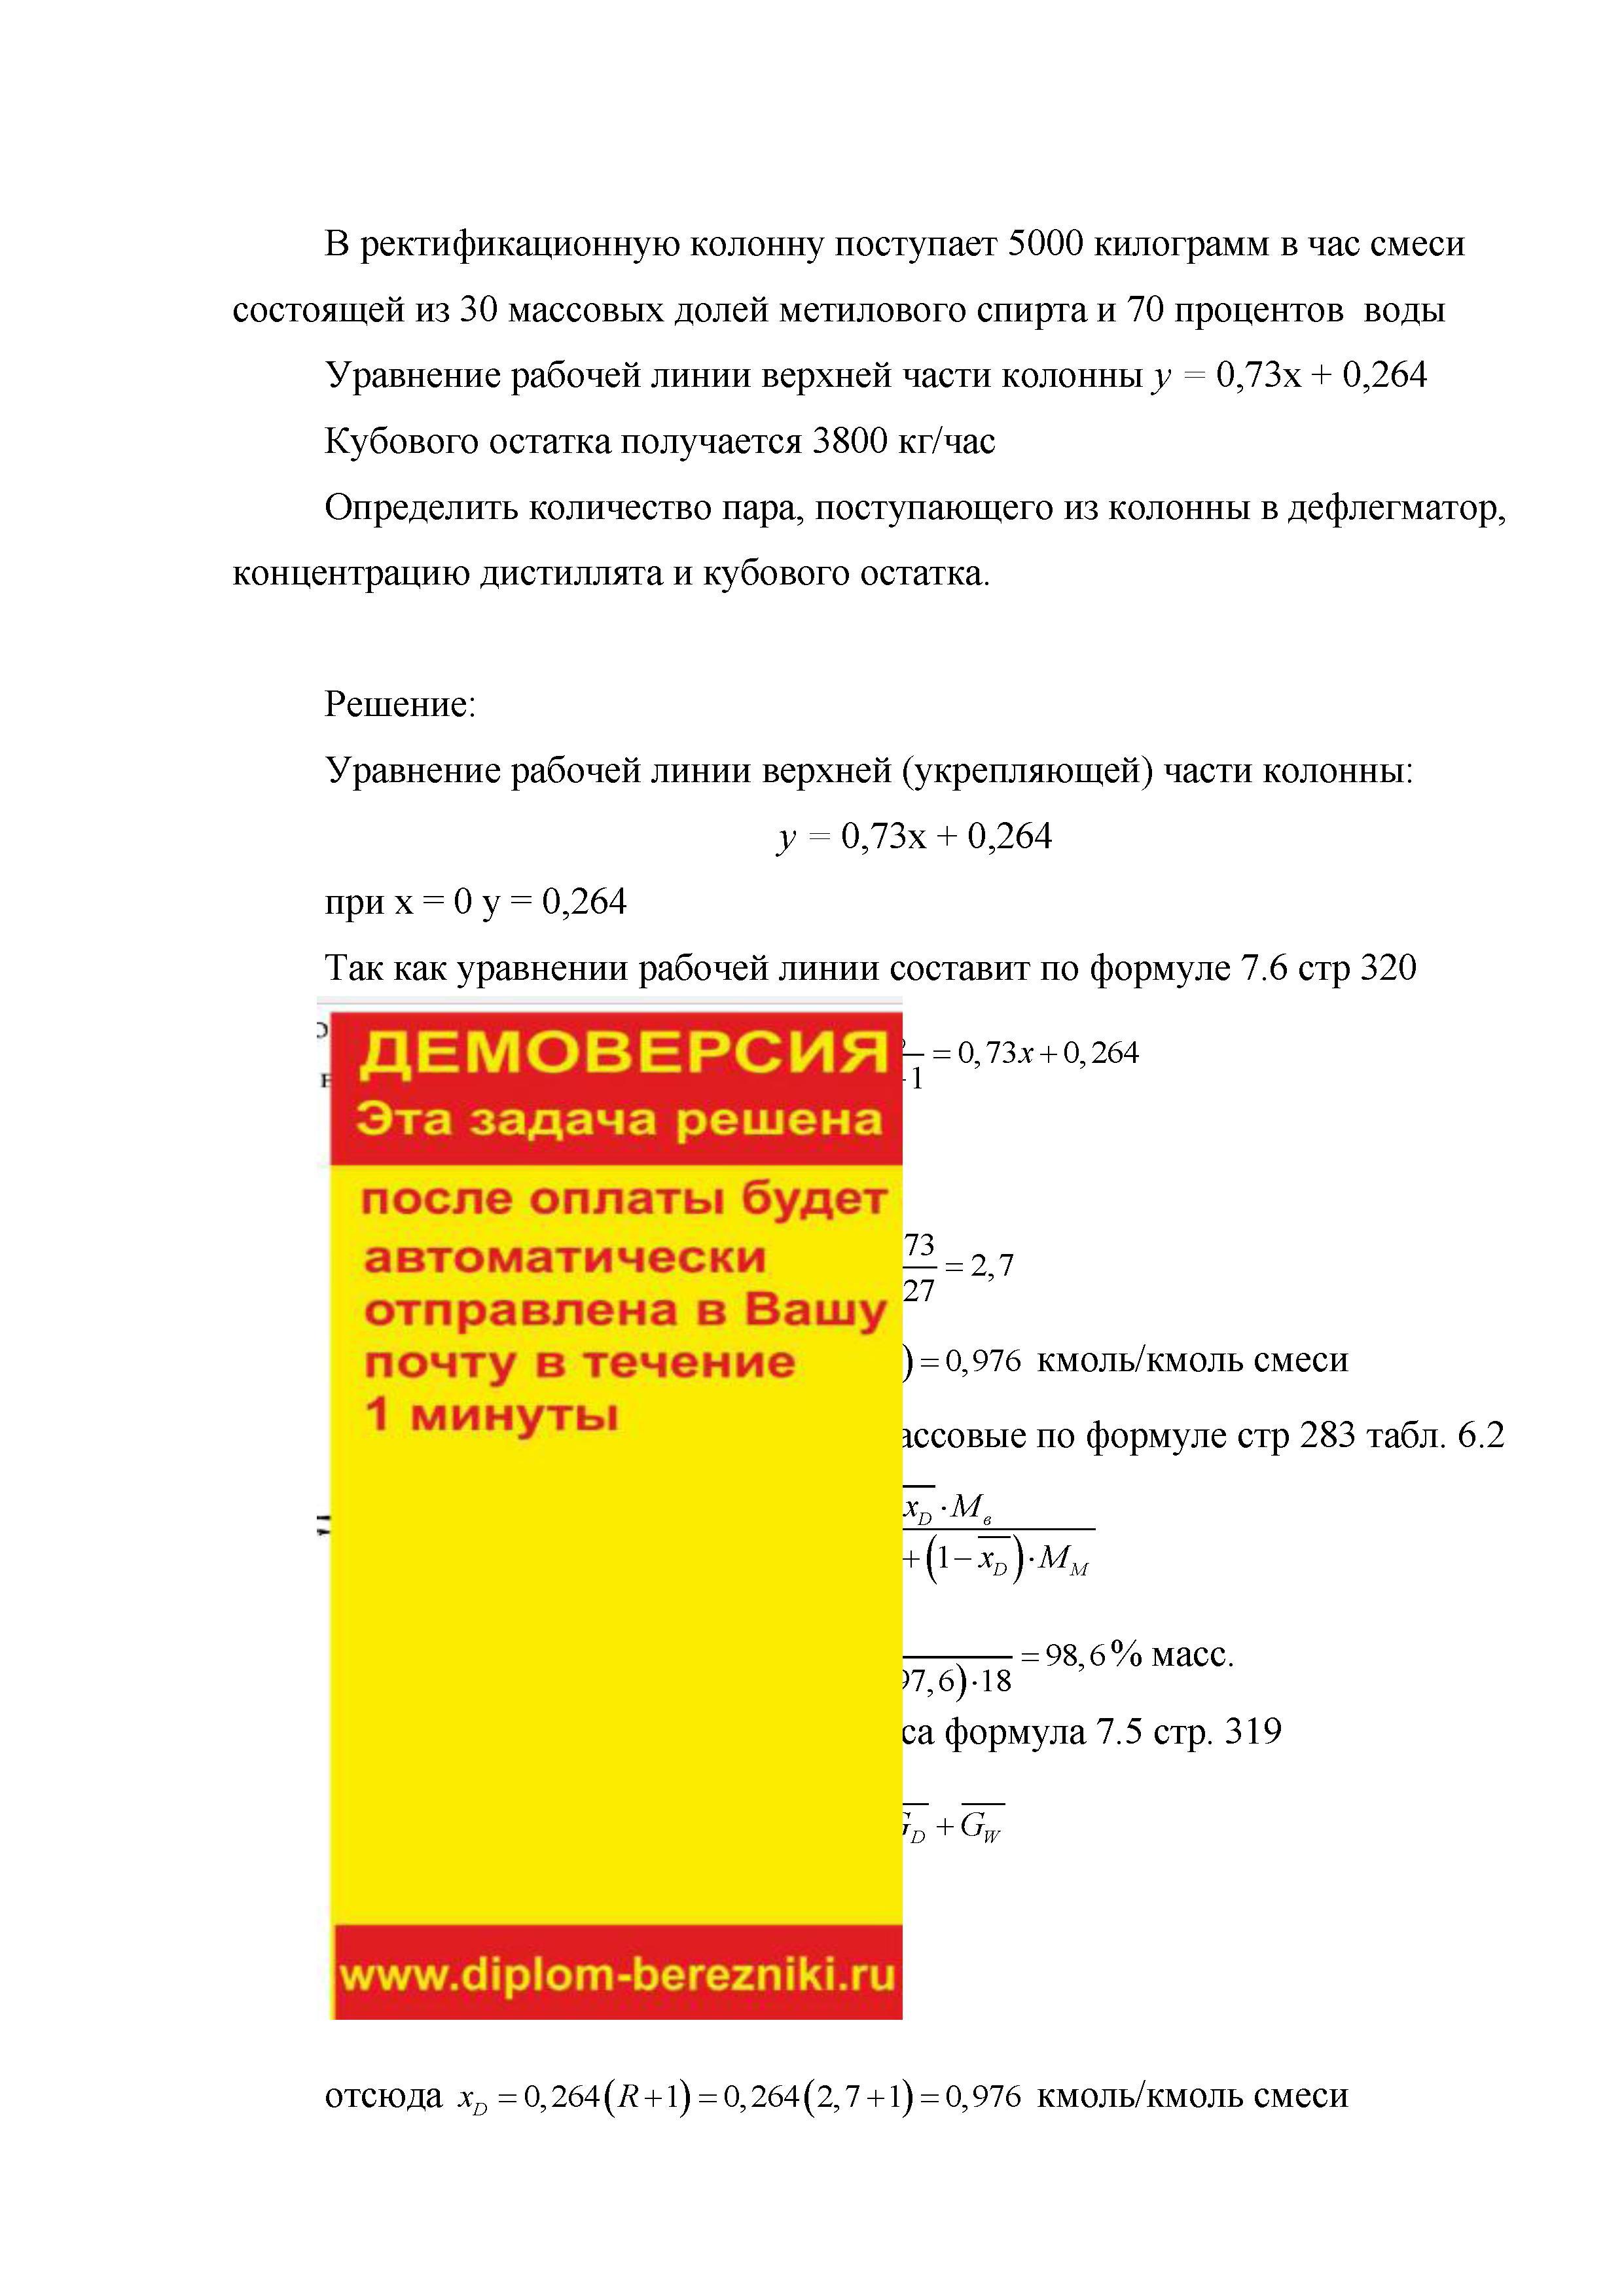 Уравнение рабочей линии верхней части колонны